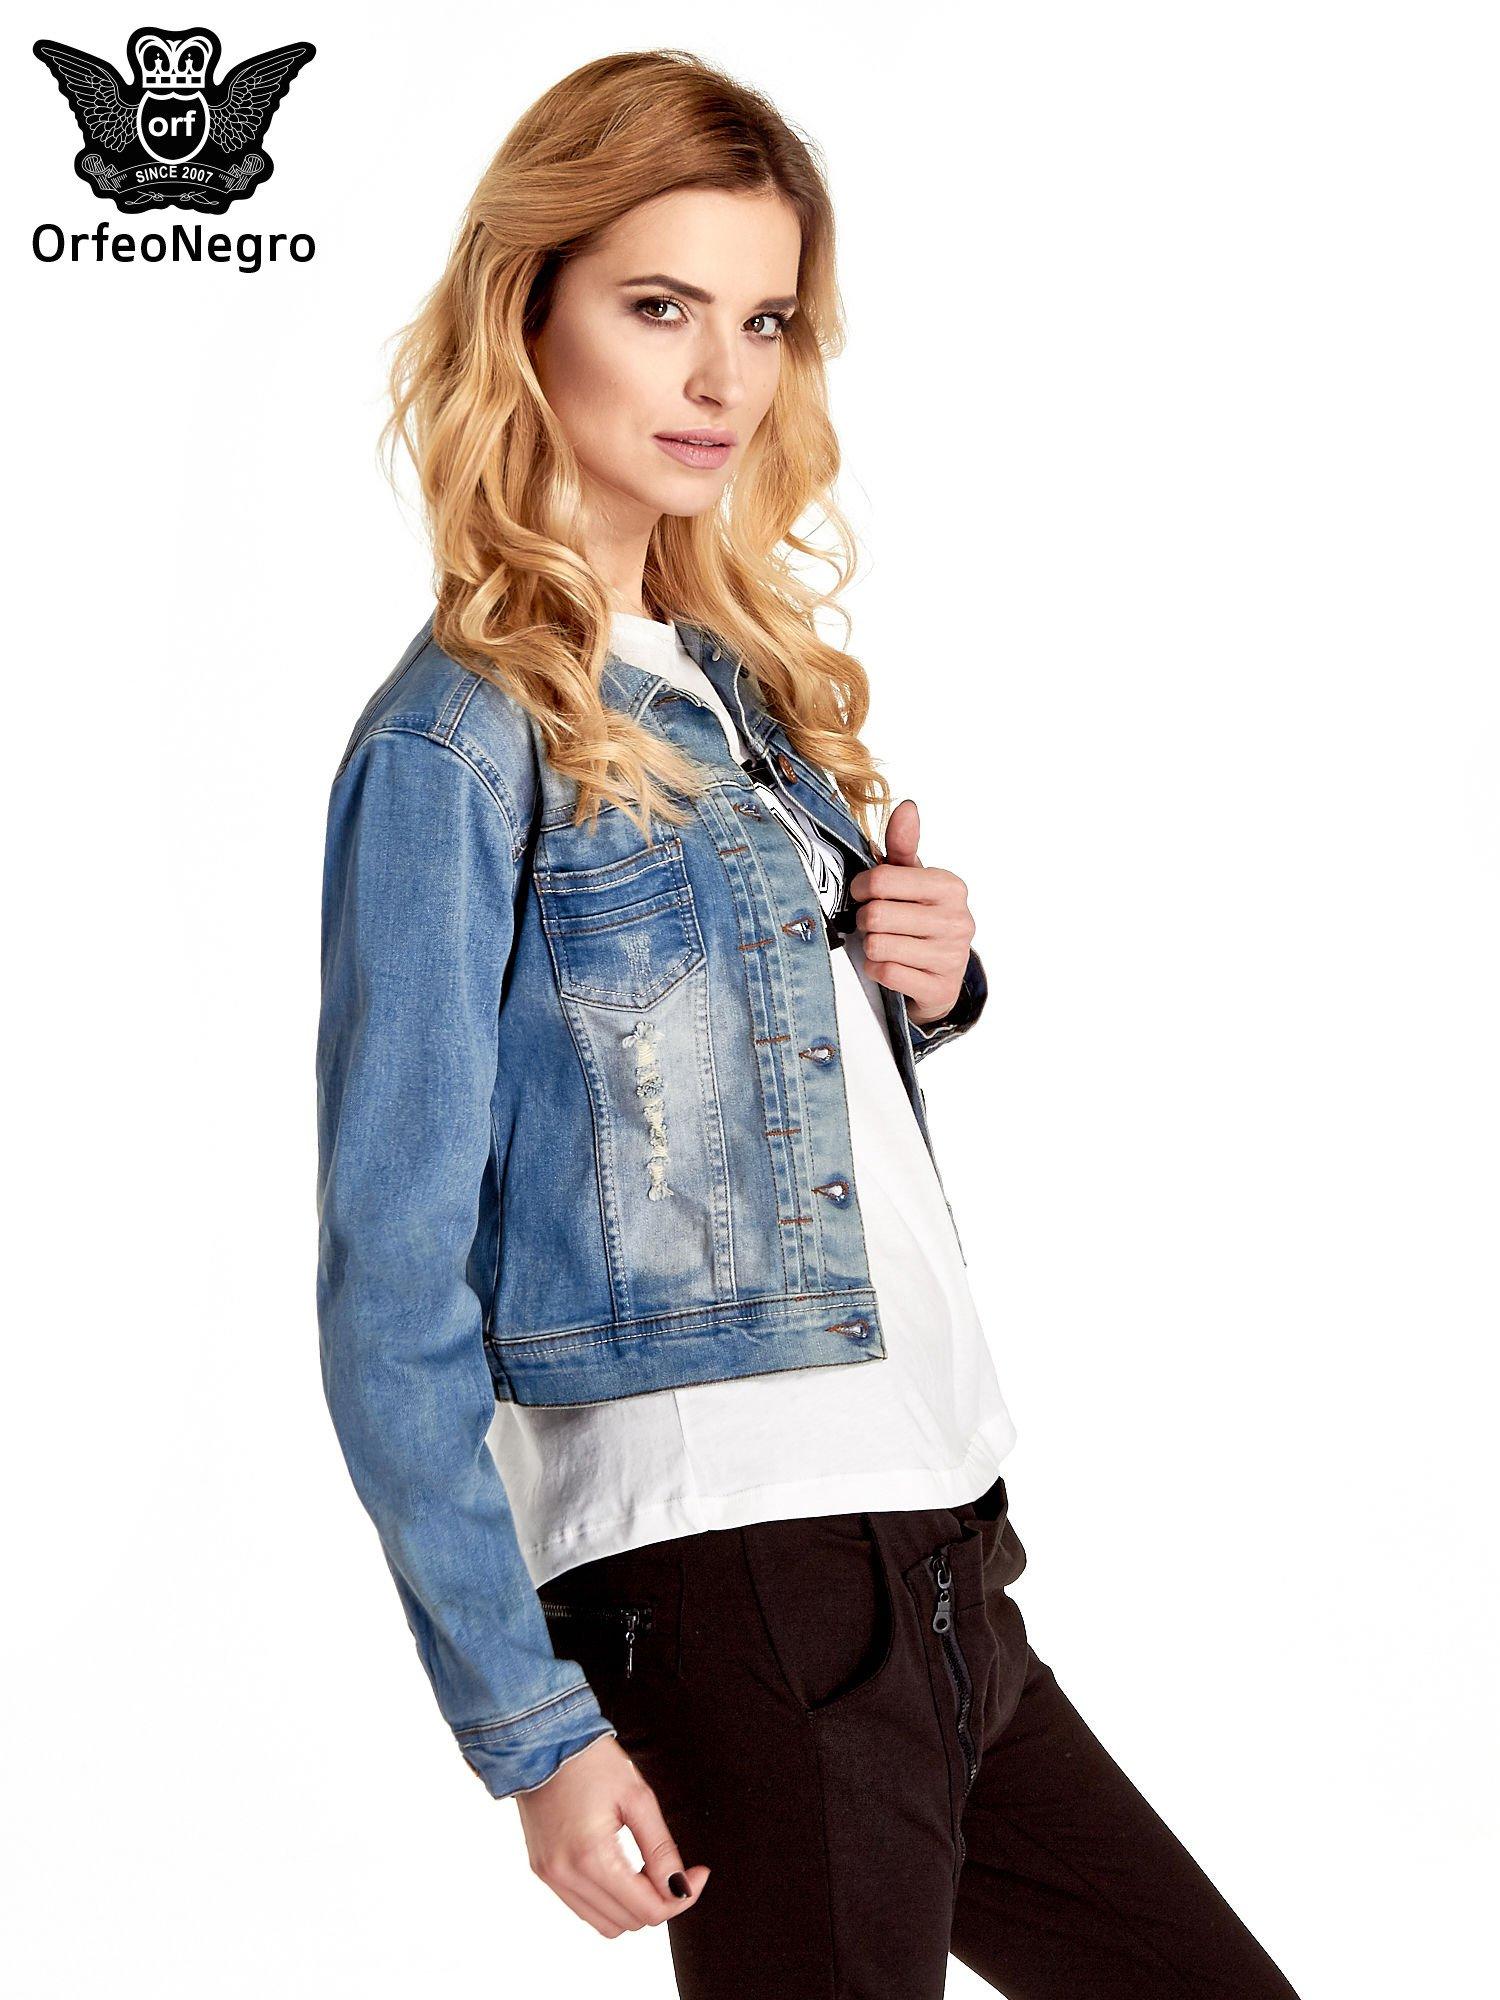 Mink Pink damska kurtka dżinsy minia tunic Denim - kurtka jeansowa 36 niebieski.